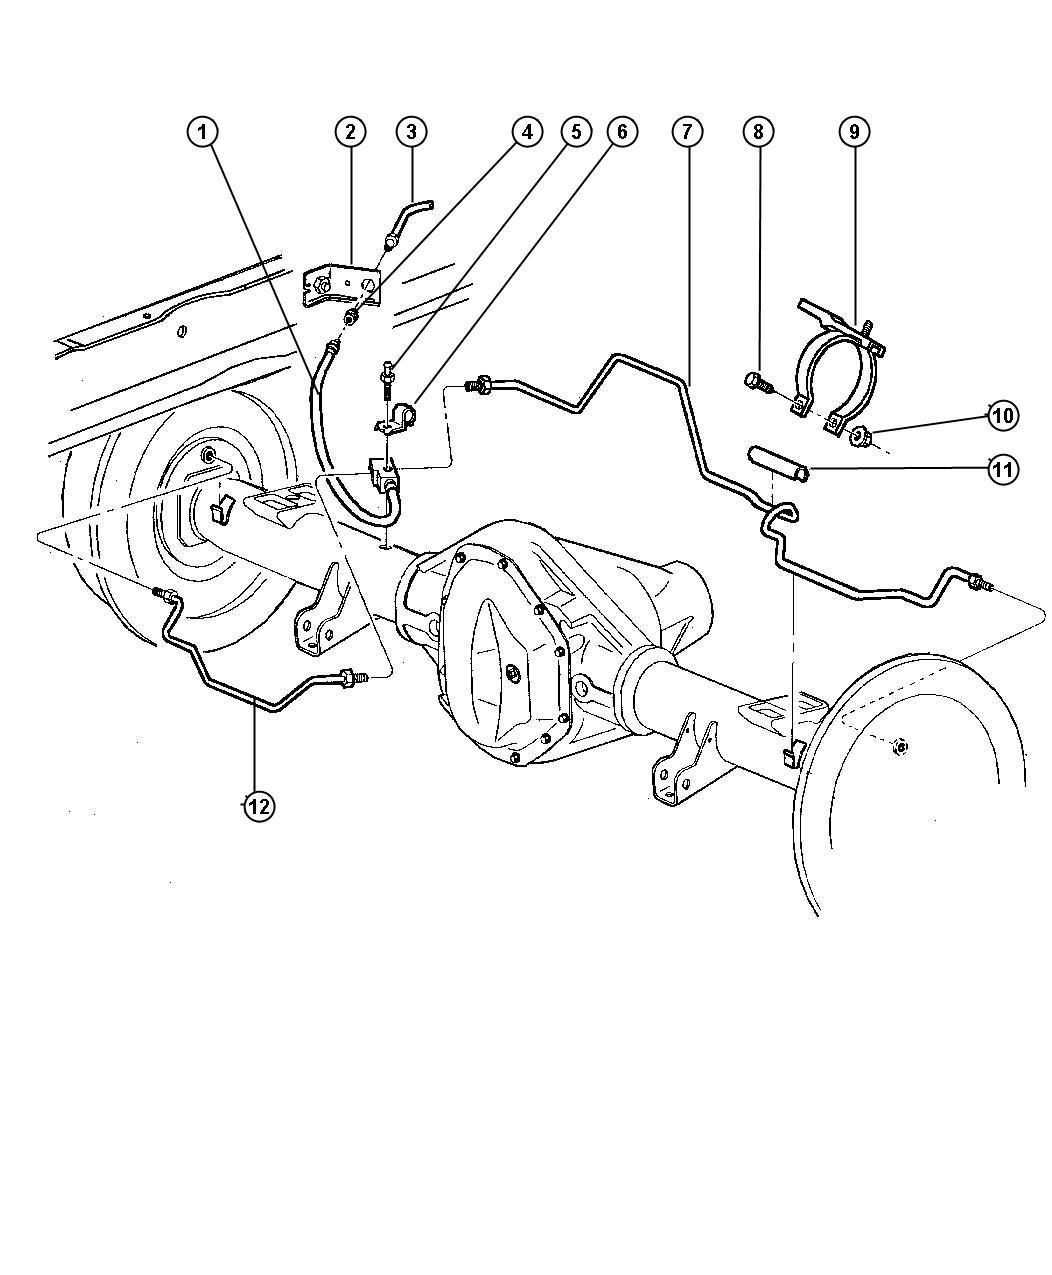 1998 dodge stealth wiring diagram dodge wiring diagrams instructions rh ww2 ww w freeautoresponder co 1999